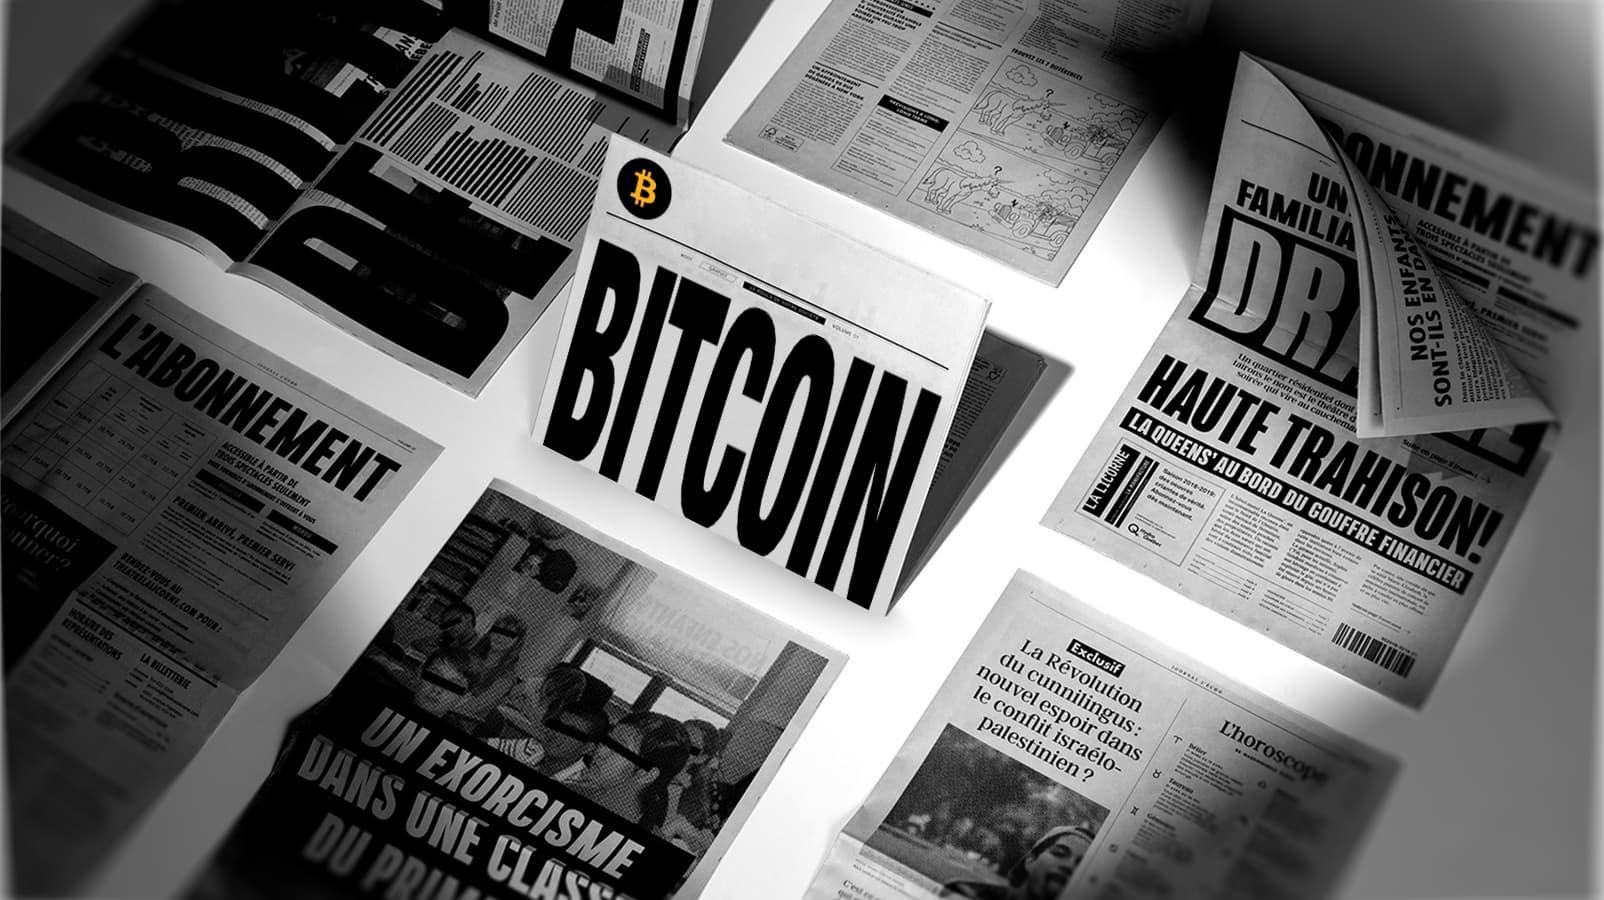 三分钟速览区块链今日好文:揭开加密货币现象的本质,探寻山寨币死亡原因